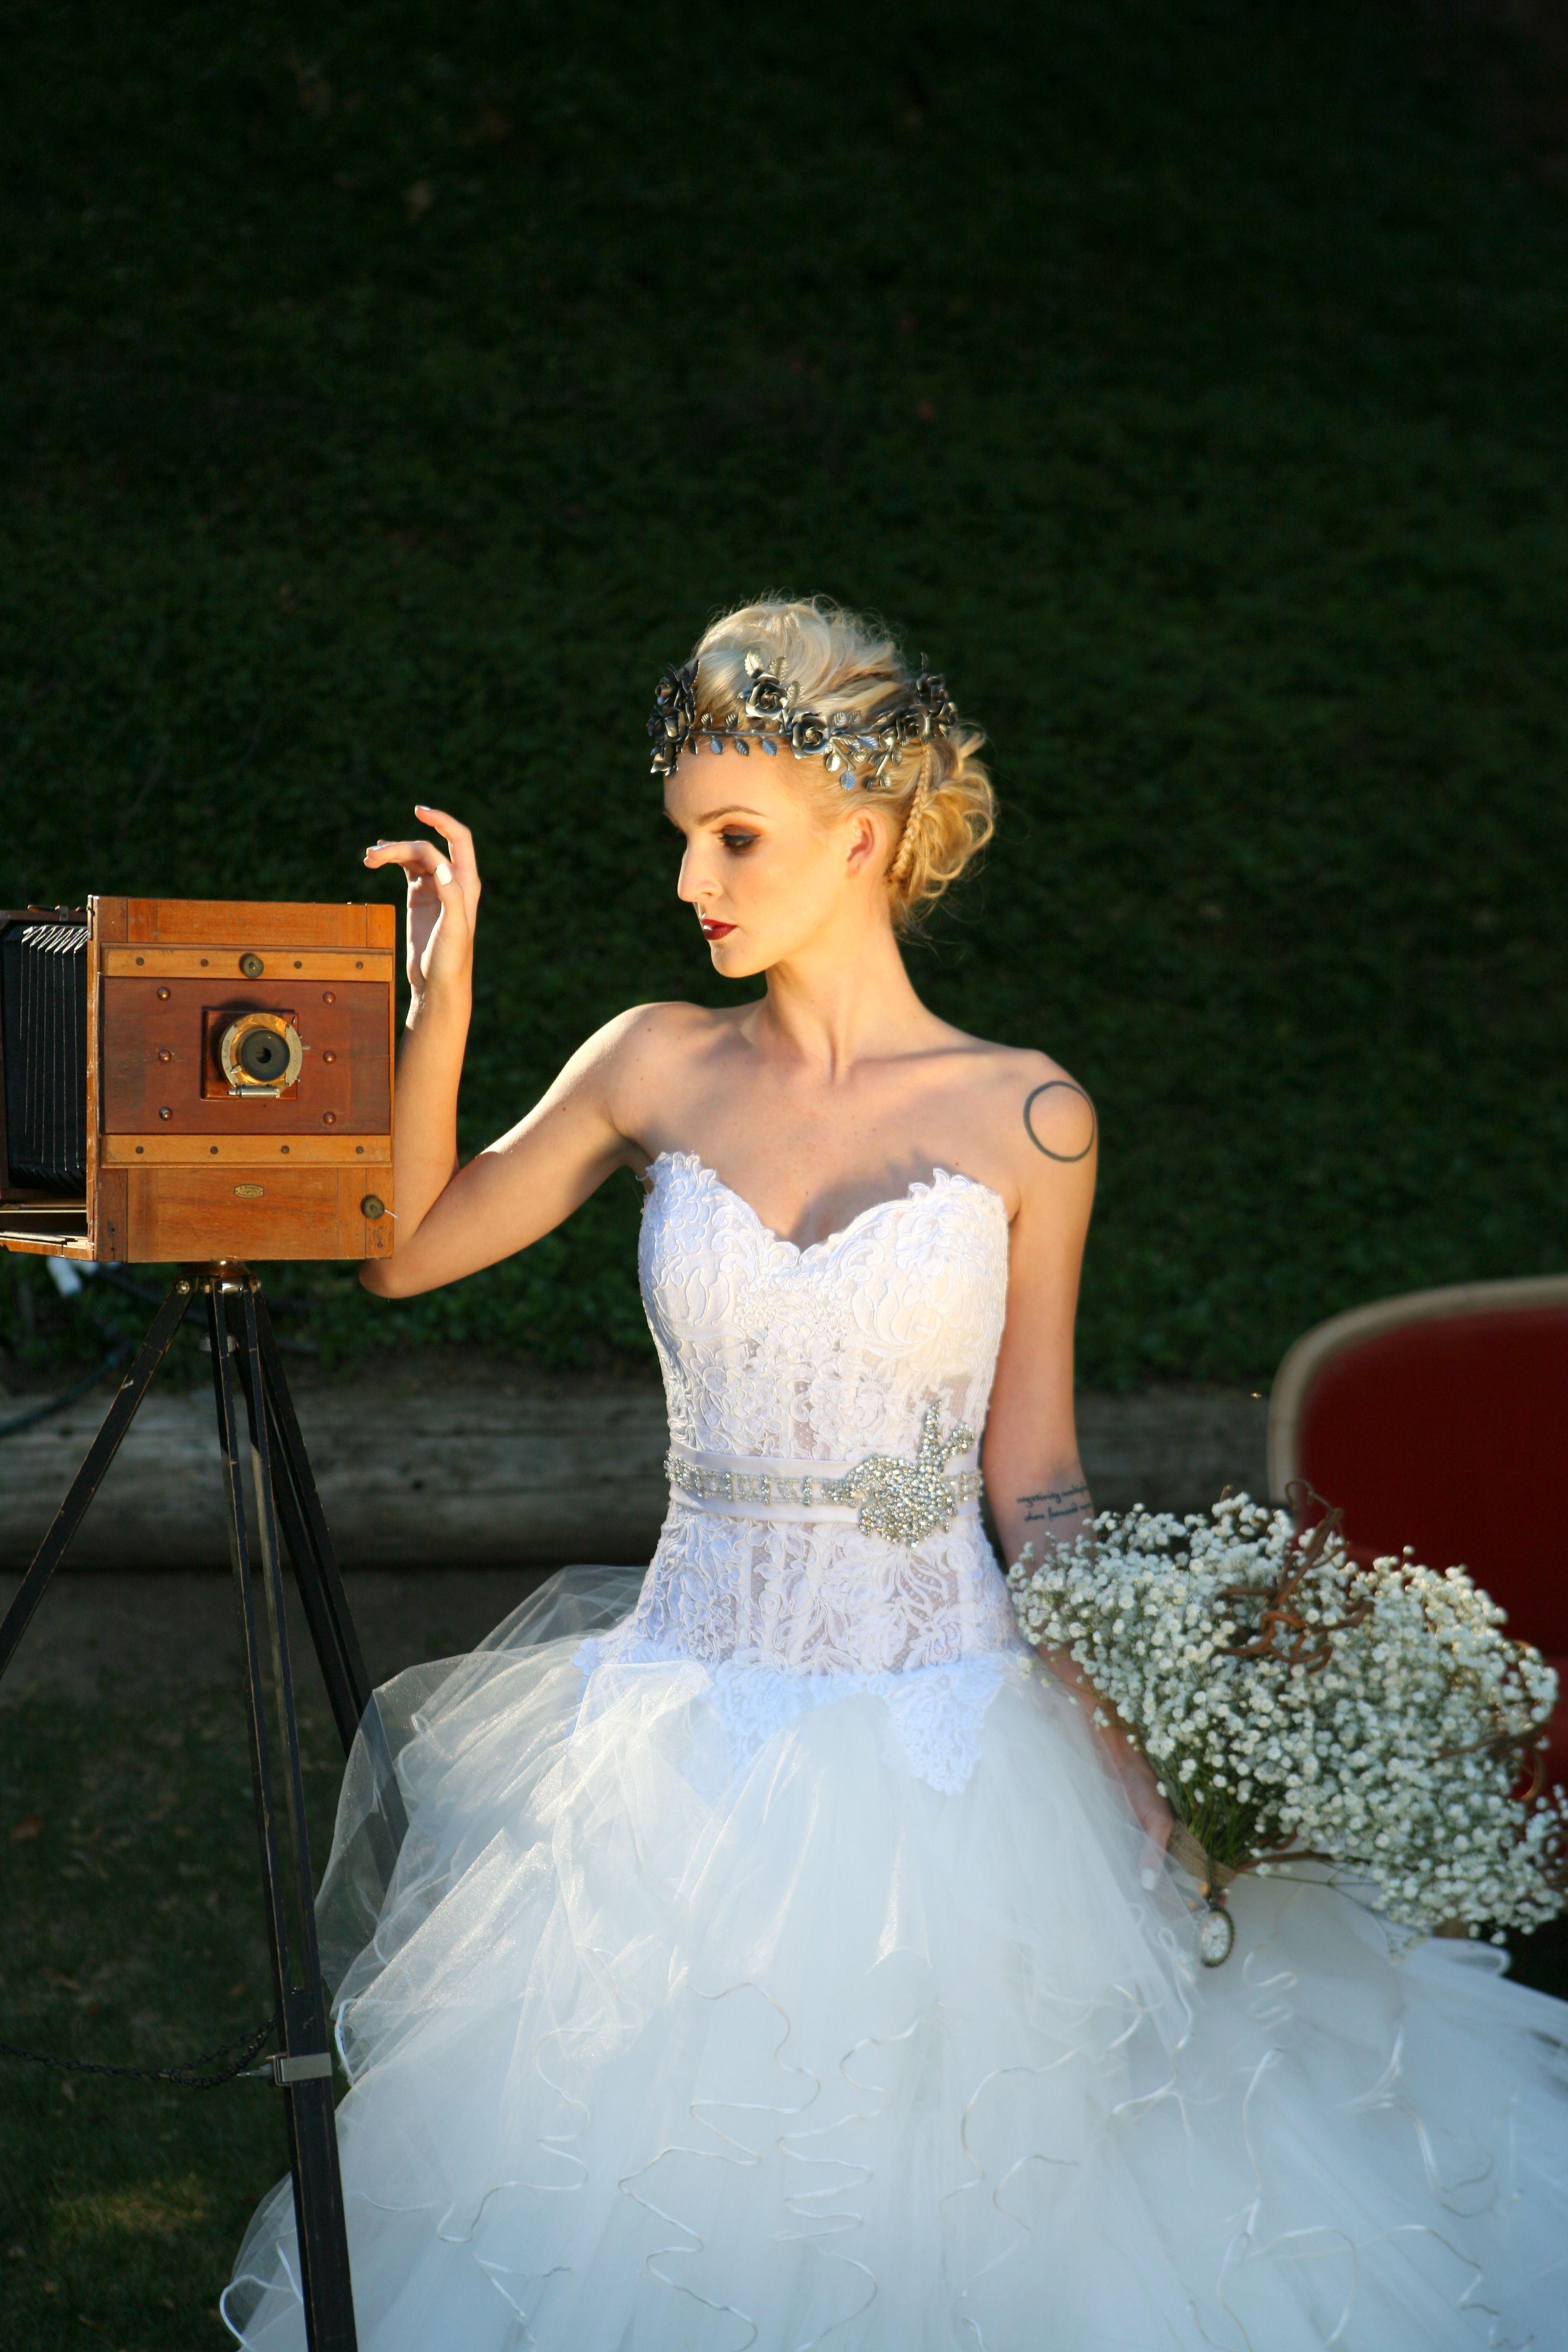 Steampunk wedding dresses  Steampunk wedding bride vintagecamera atyoursideplanning